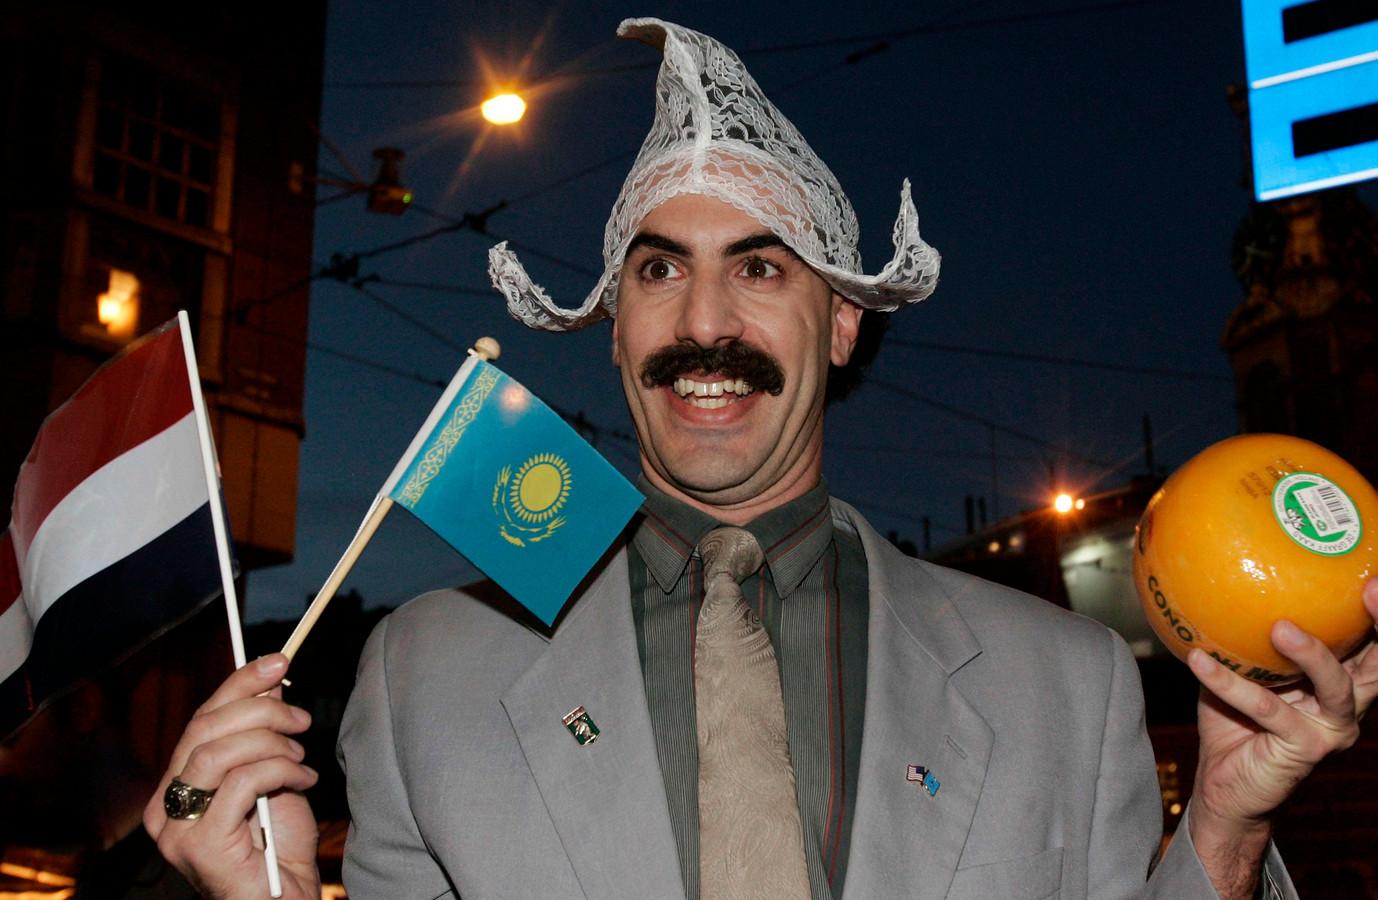 De ophef die in de Verenigde Staten ontstaan is over de nieuwste film van Sacha Baron Cohen; Borat Subsequent Moviefilm: Delivery of Prodigious Bribe to American Regime for Make Benefit Once Glorious Nation of Kazakhstan, heeft ervoor gezorgd dat de film een dag eerder dan gepland te zien is op Amazon Prime.